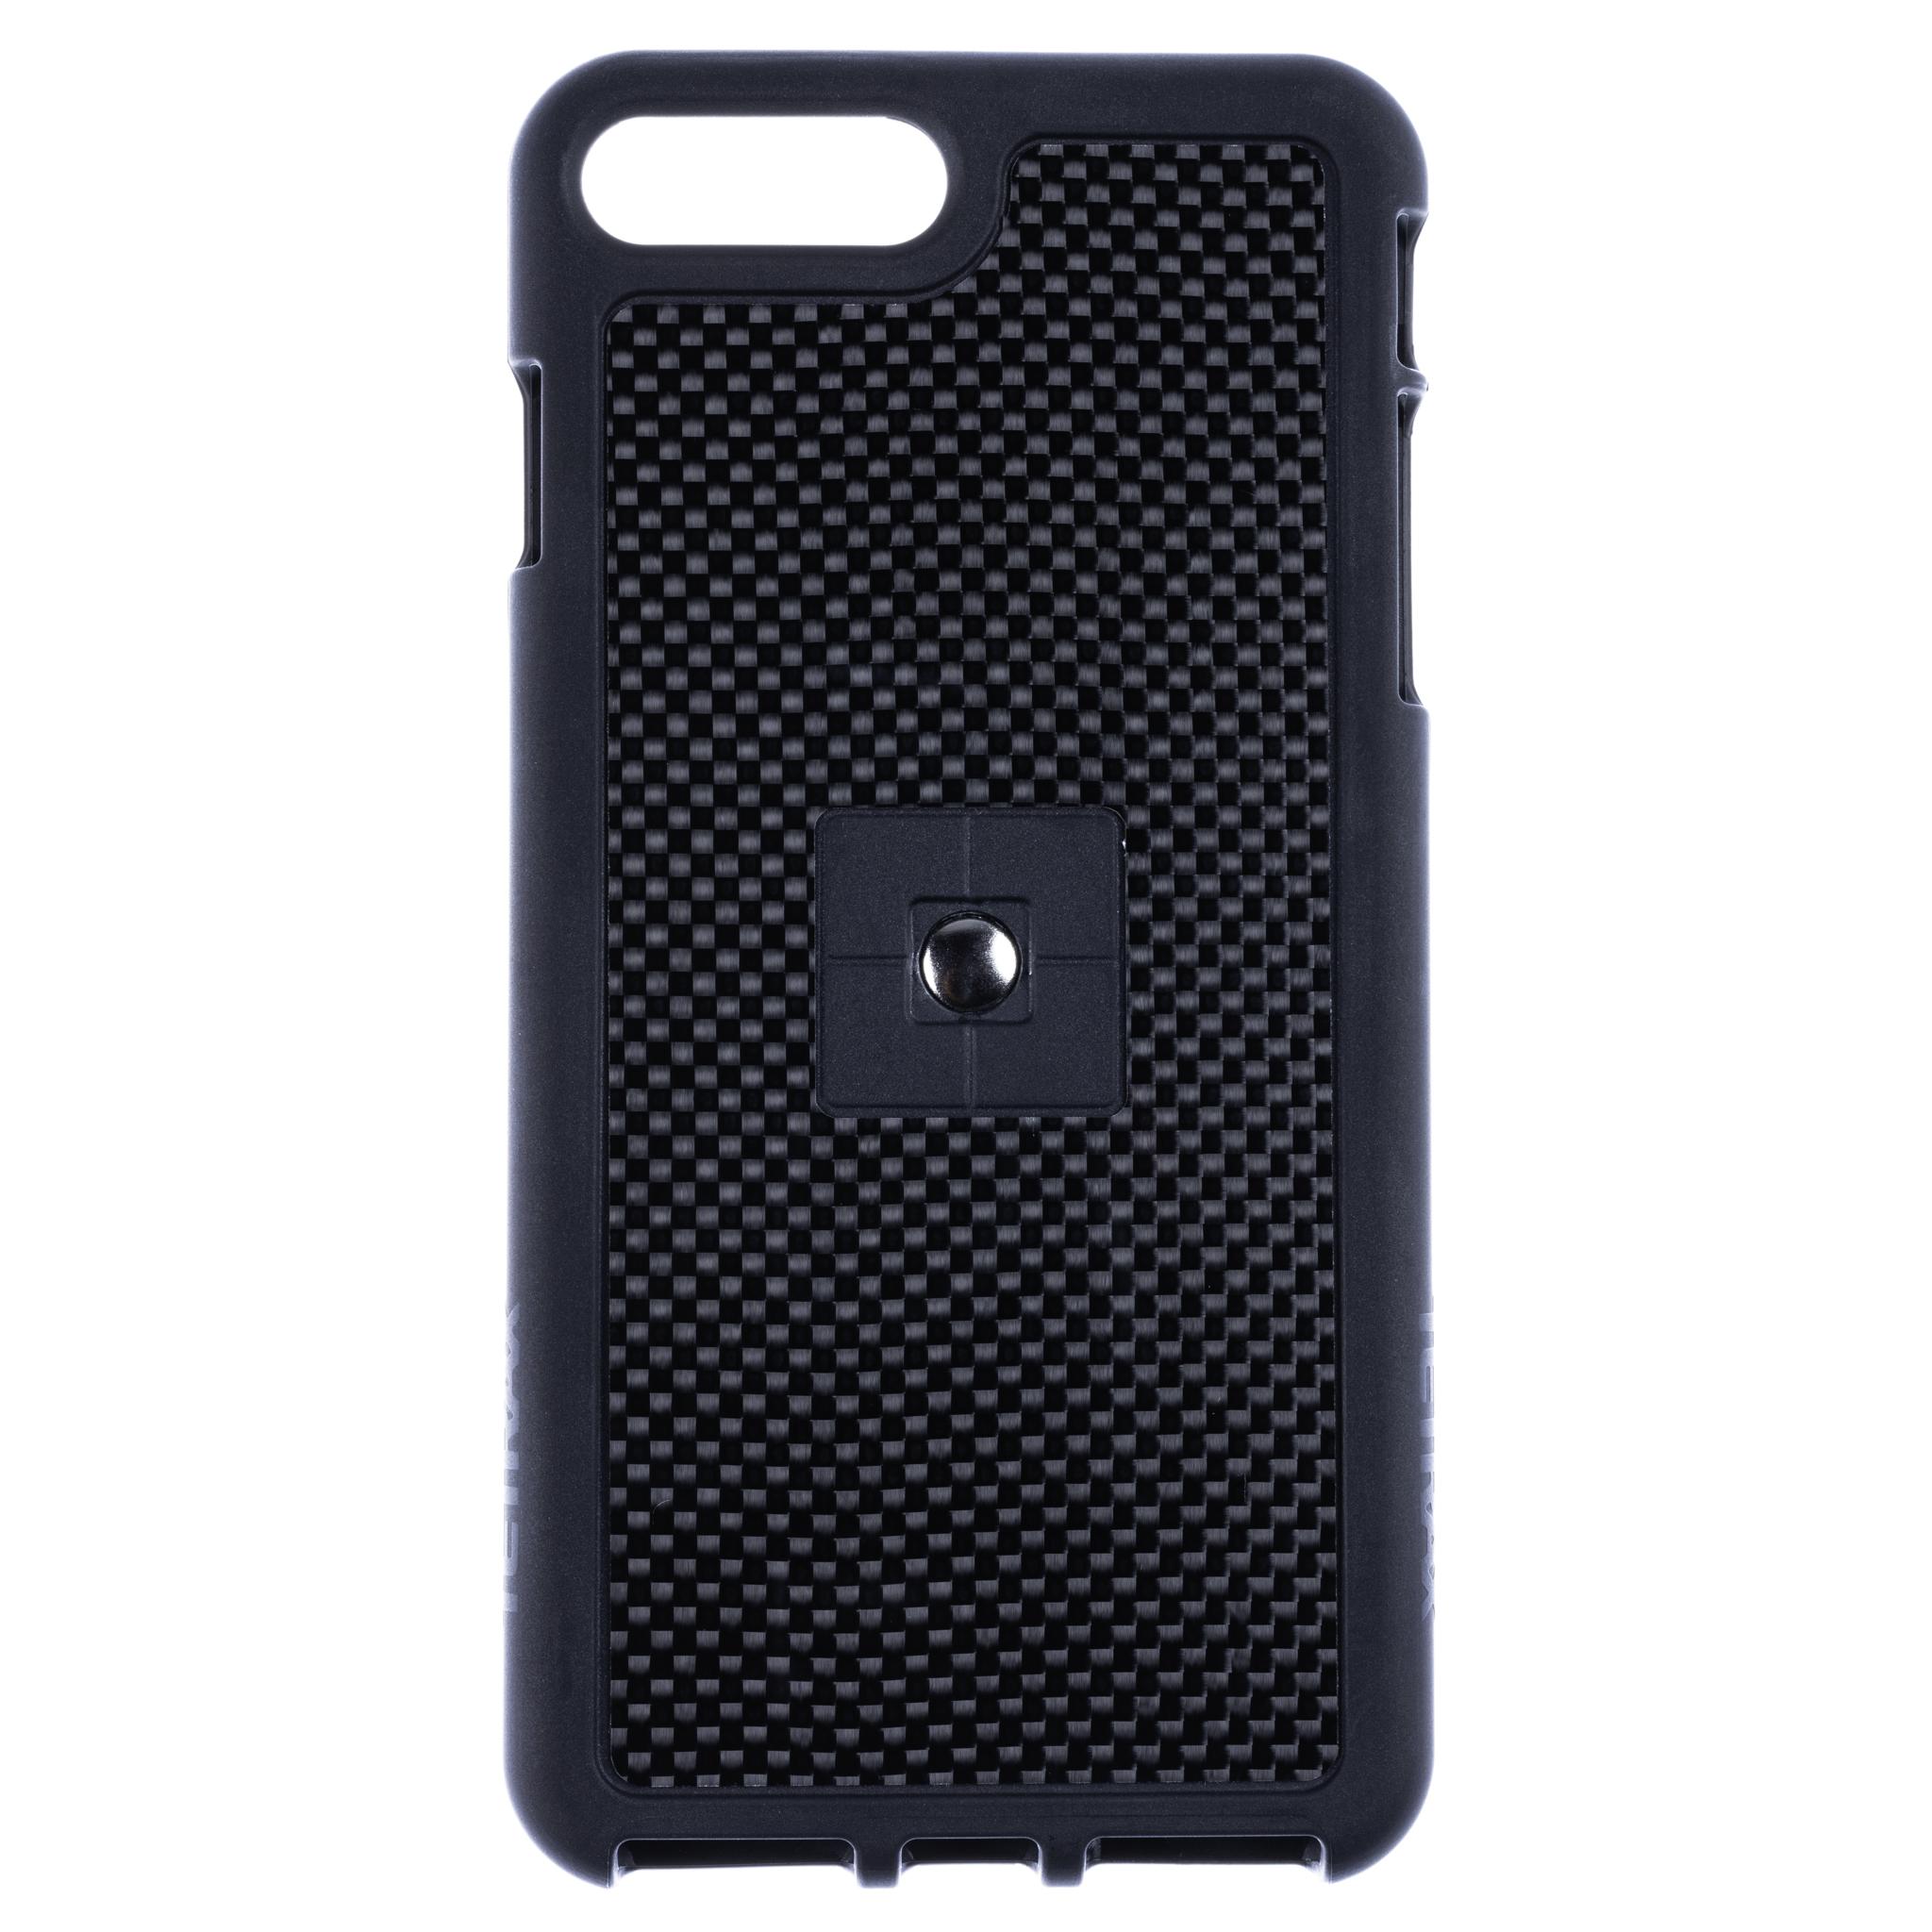 iPhone 7 Plus Carbon Fibre Case with Clip